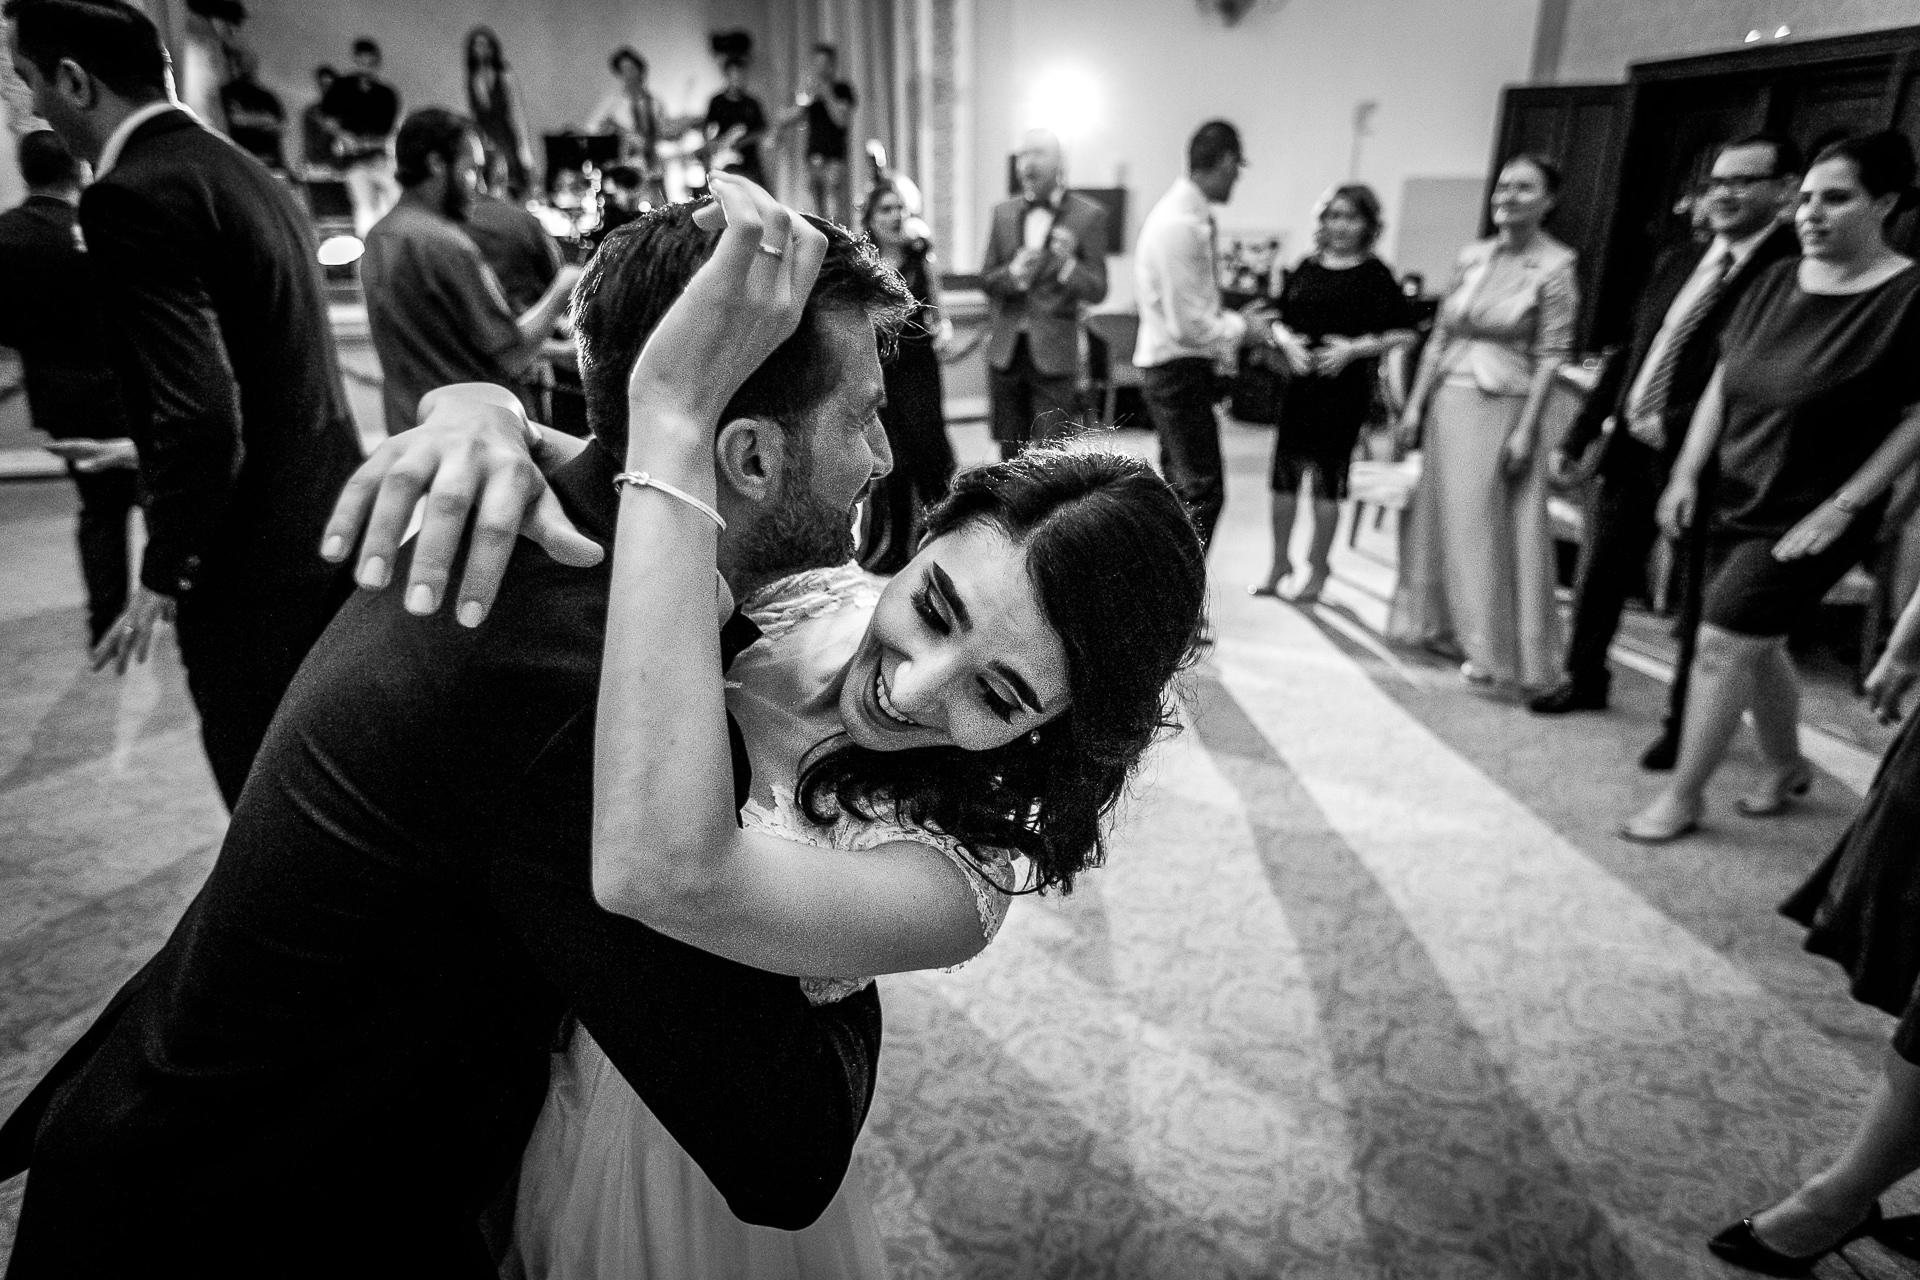 nuntă Salon Elisabeta - Elena şi Costin - Mihai Zaharia Photography - 060